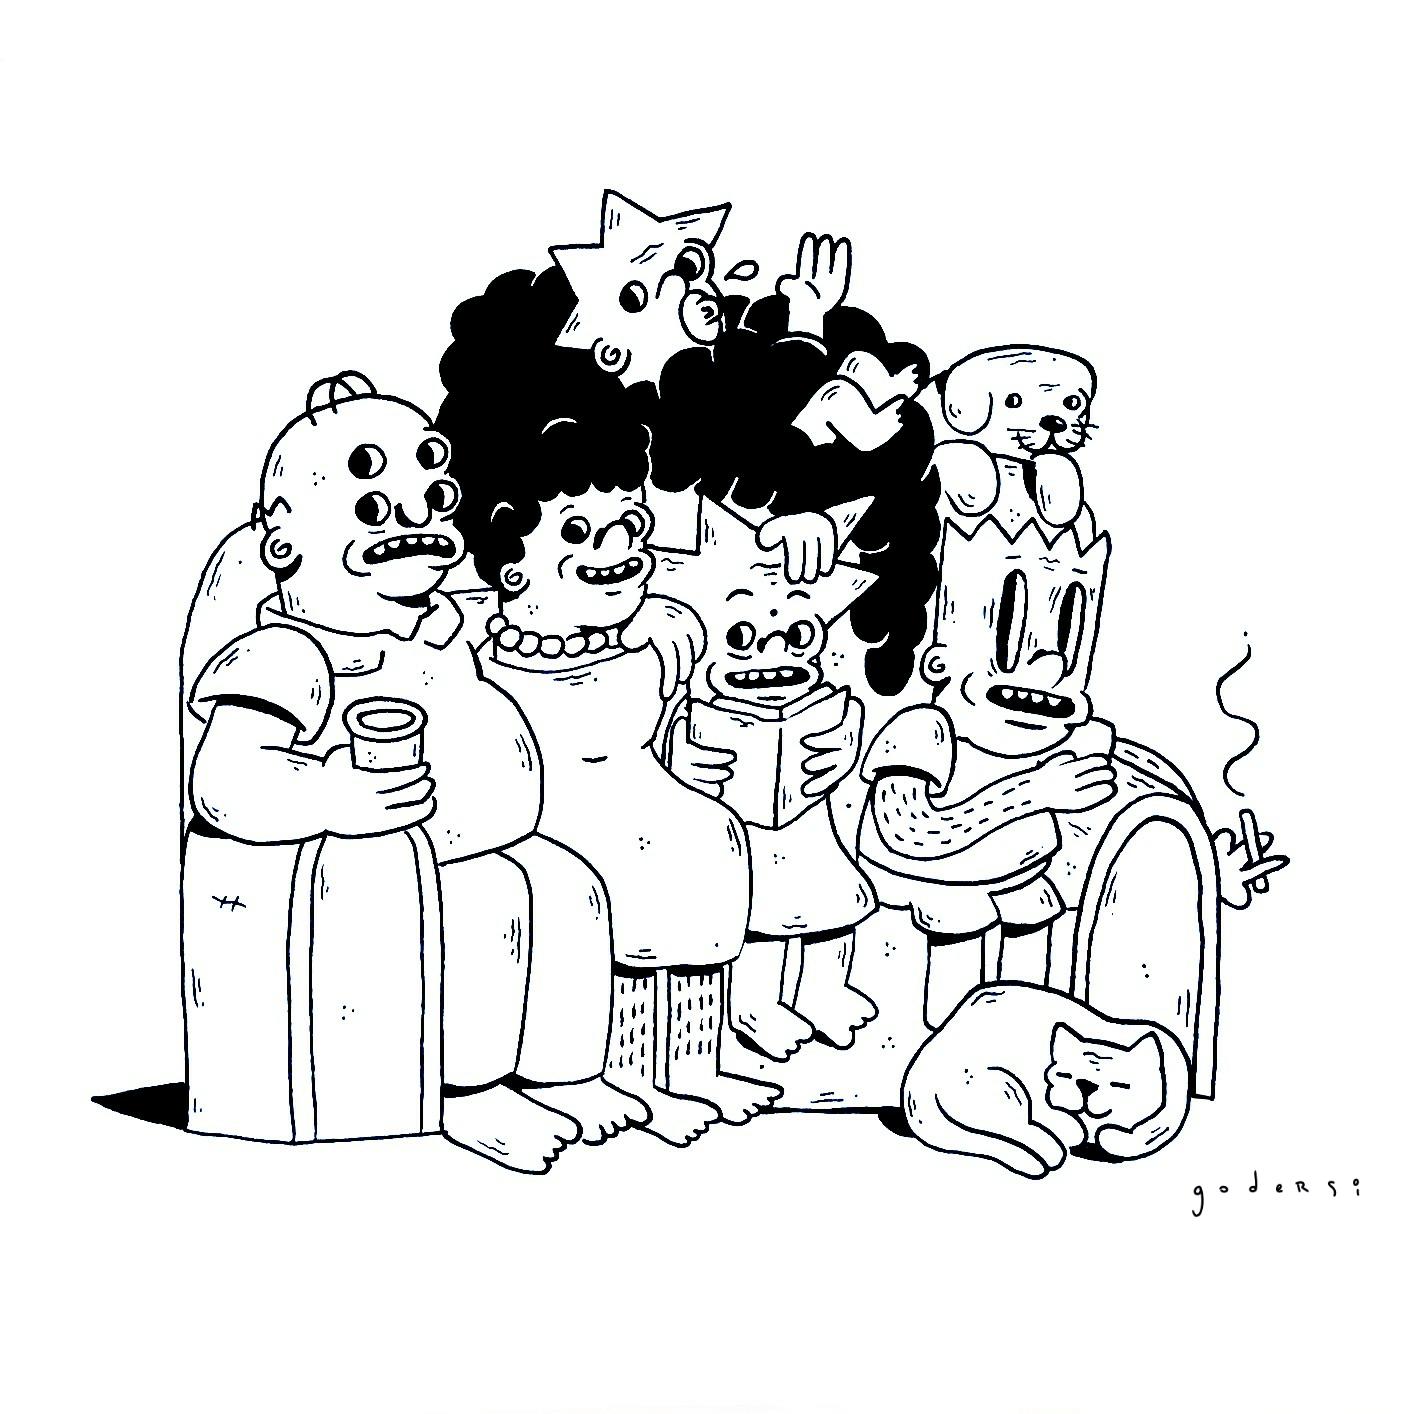 Godersi, el ilustrador chileno que crea mutantes, humor negro y cultura pop para zombies